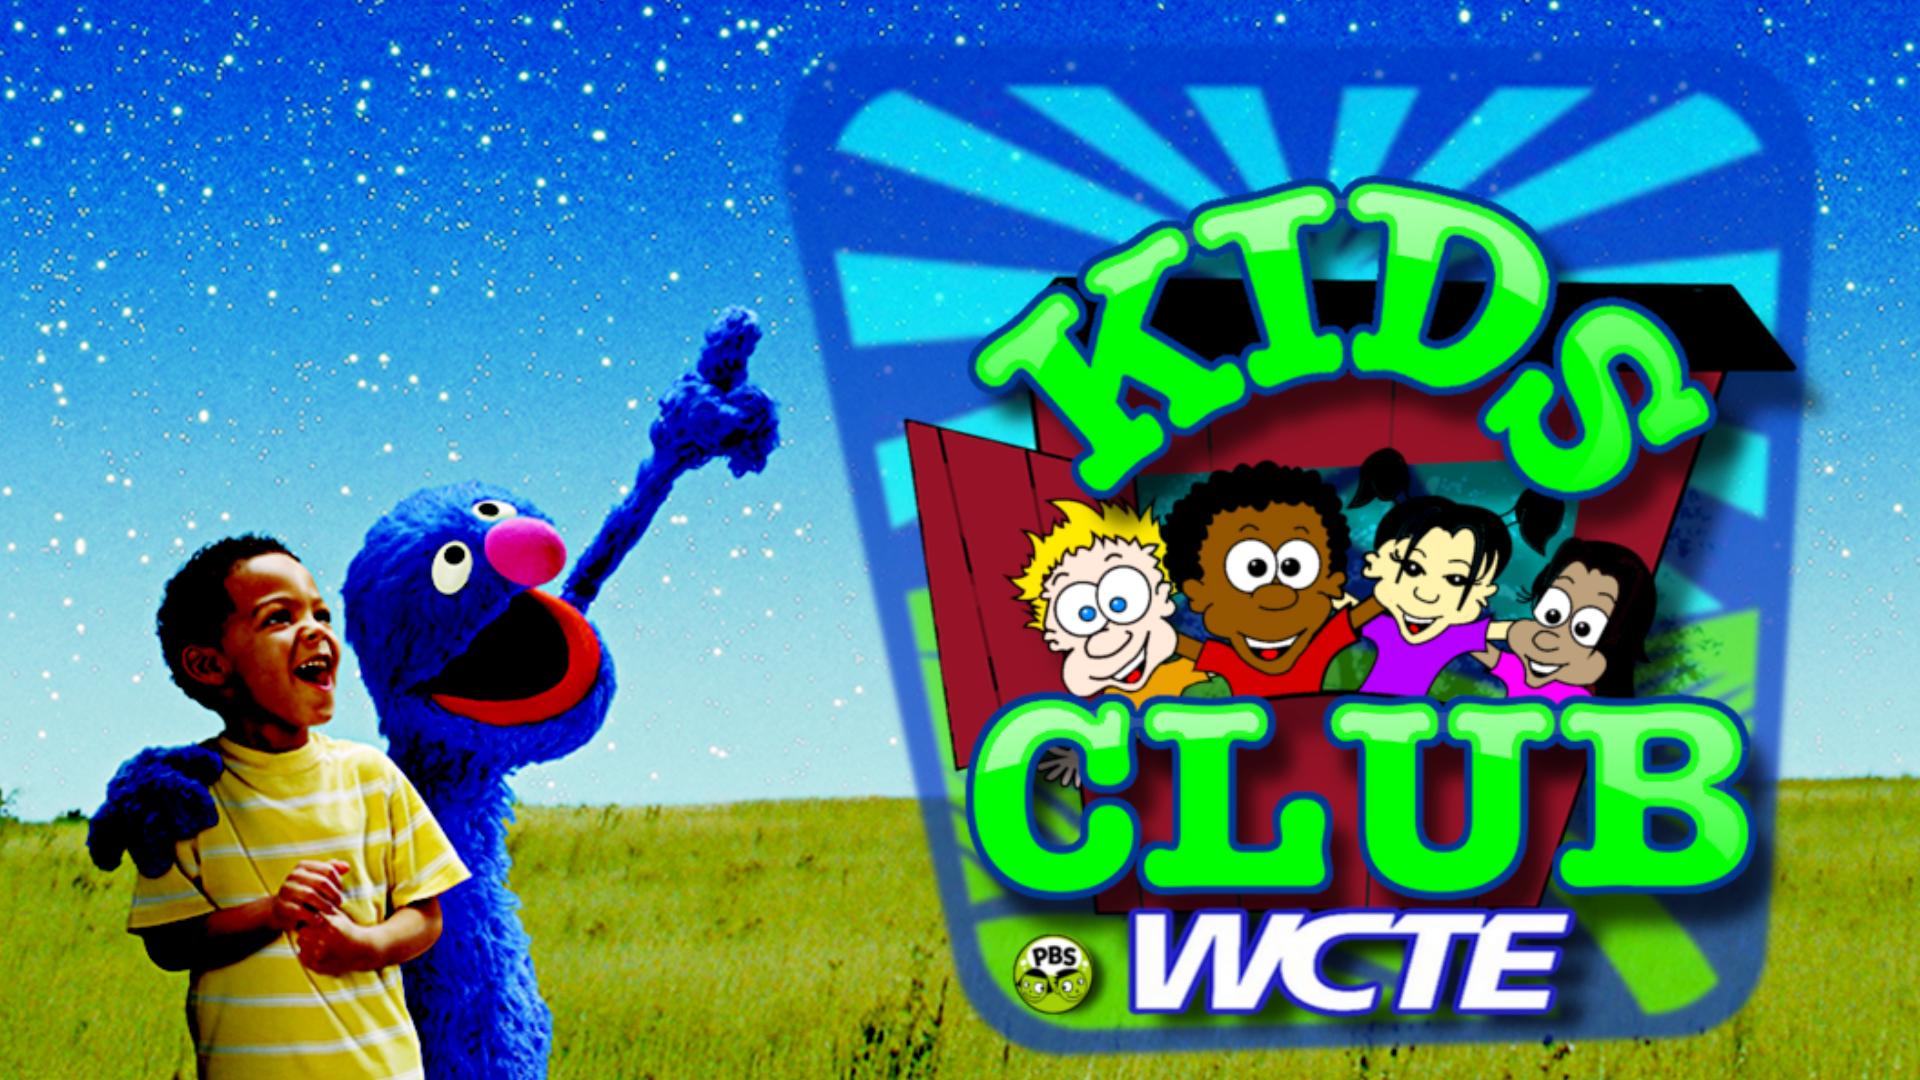 WCTE's Kids' Club